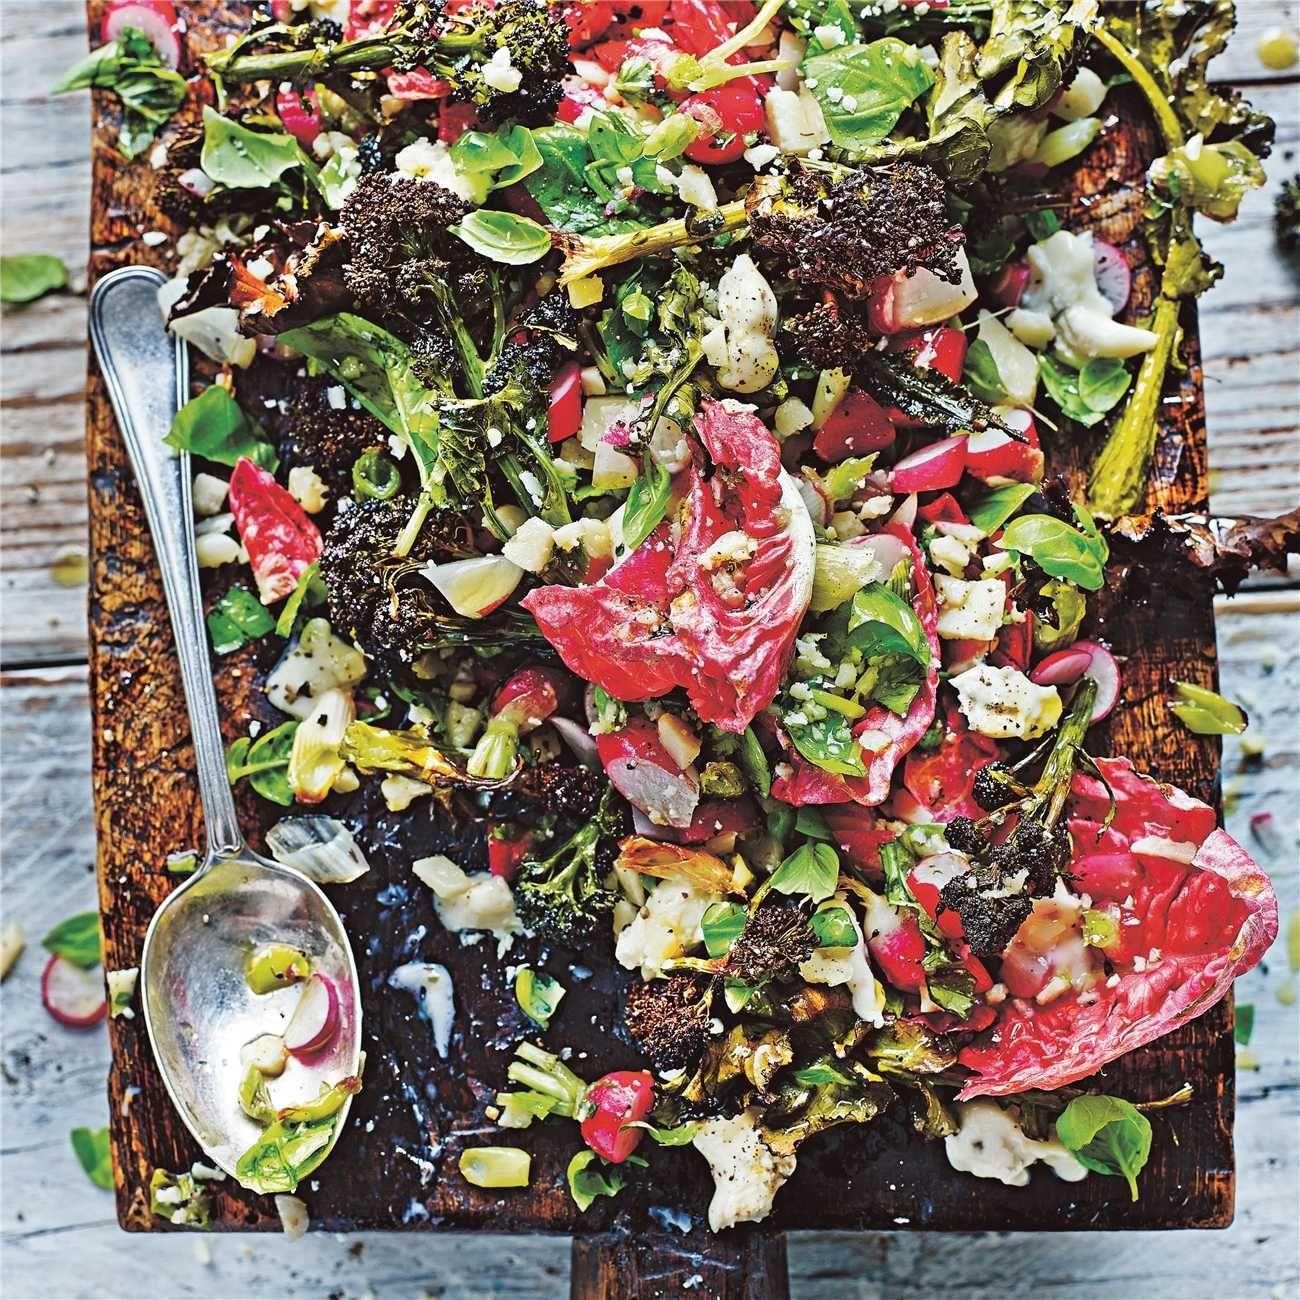 Jamies Roasted Verde Chopped Salad